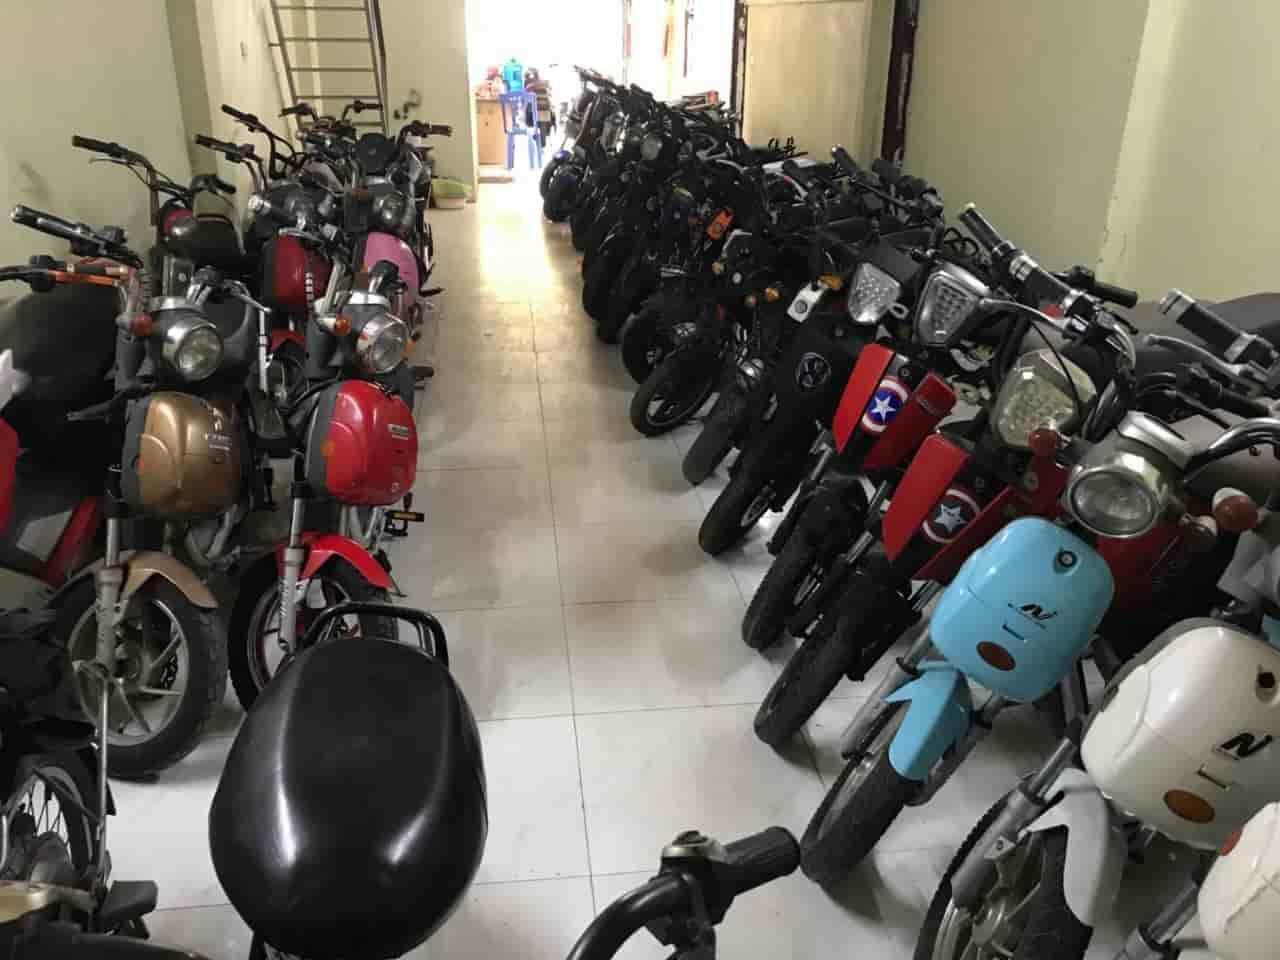 Mua Bán Xe Đạp Điện Cũ Trần Hưng Đạo - Hoàn Kiếm Uy Tín Tại Hà Nội